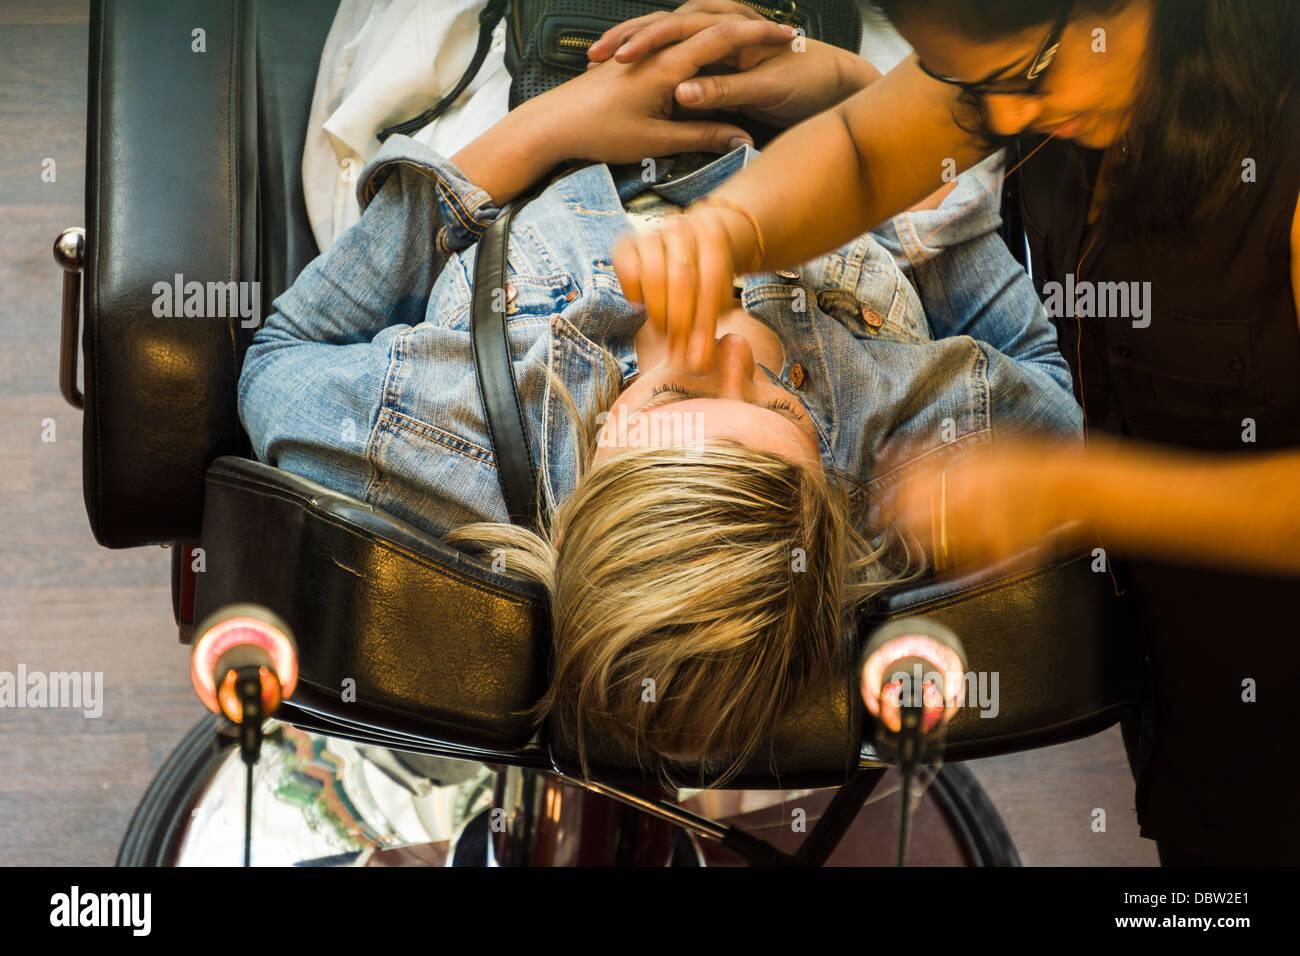 Eine Dame erhält eine Gesichtspflege-Behandlung von einem in-Store Kosmetikerin. Stockbild